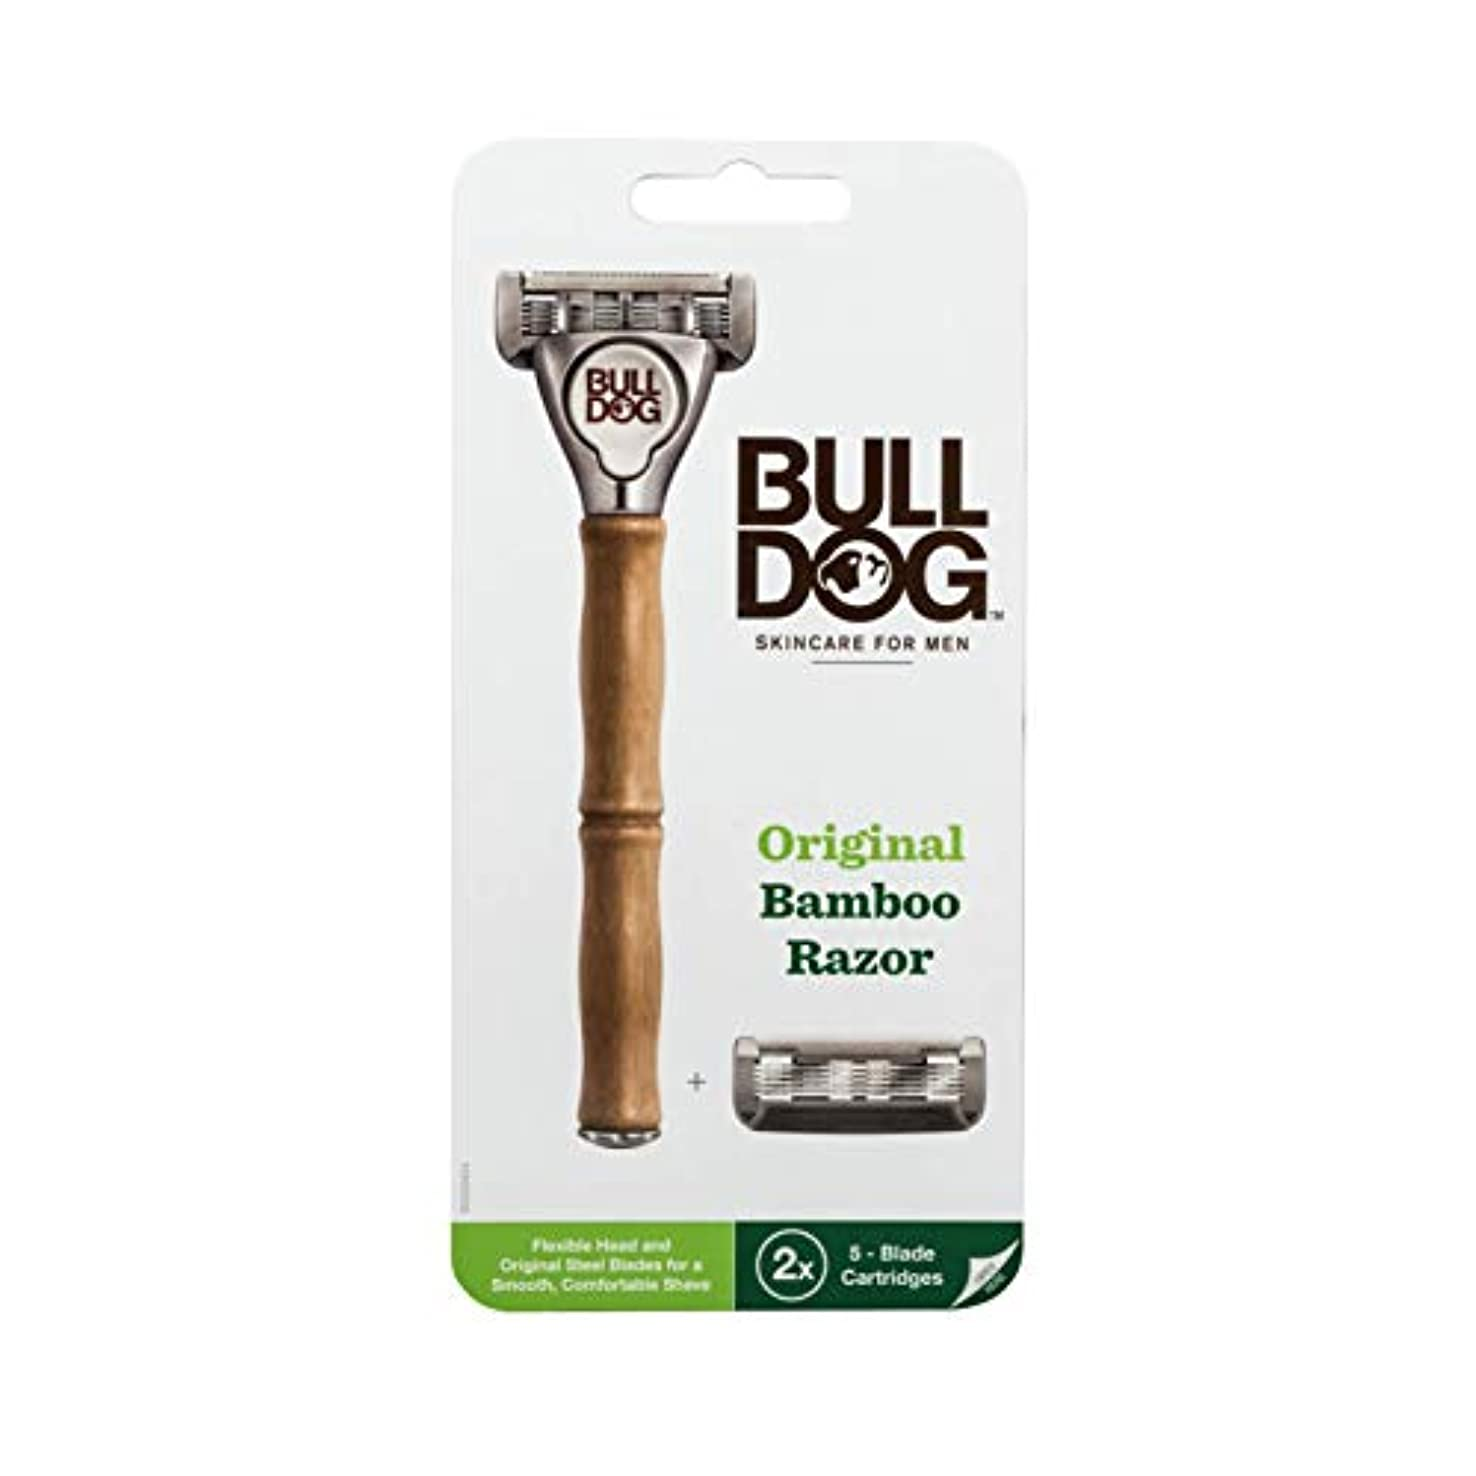 カレンダーストロー無謀Bulldog(ブルドッグ) ブルドッグ Bulldog 5枚刃 オリジナルバンブーホルダー 水に強い竹製ハンドル 替刃 2コ付 男性カミソリ ホルダー(1本)、替刃2コ付き(内1コ本体装着済み)